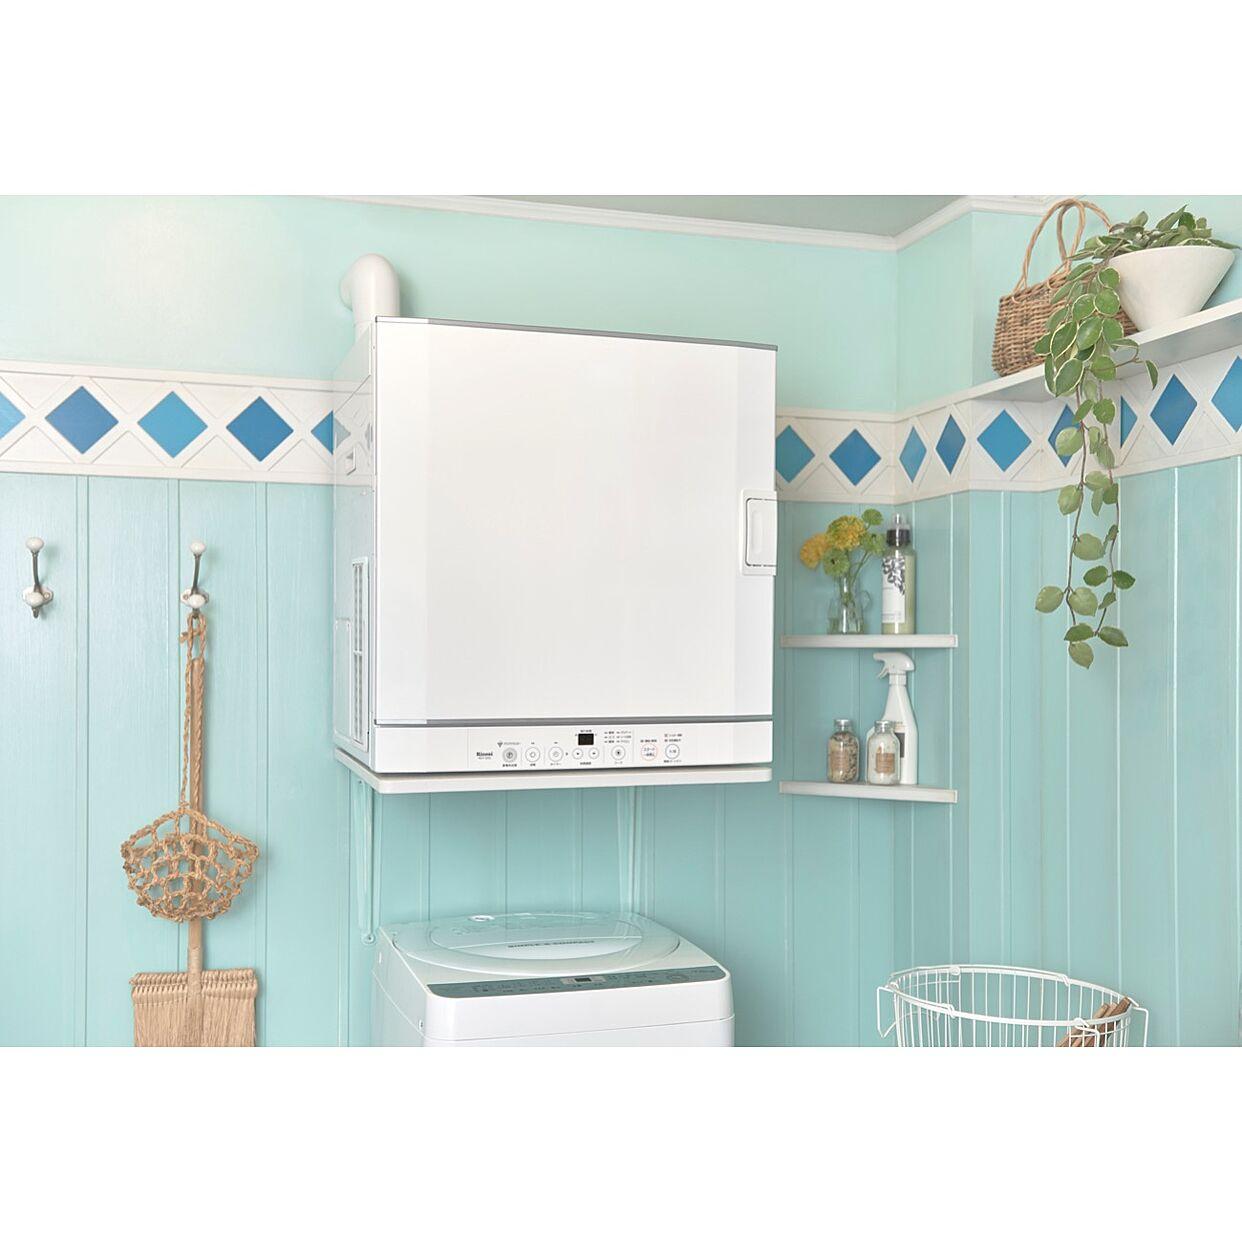 【無料モニター】おうちでコインランドリーの仕上がり♪ ガス衣類乾燥機「乾太くん」を設置したい方、大募集!